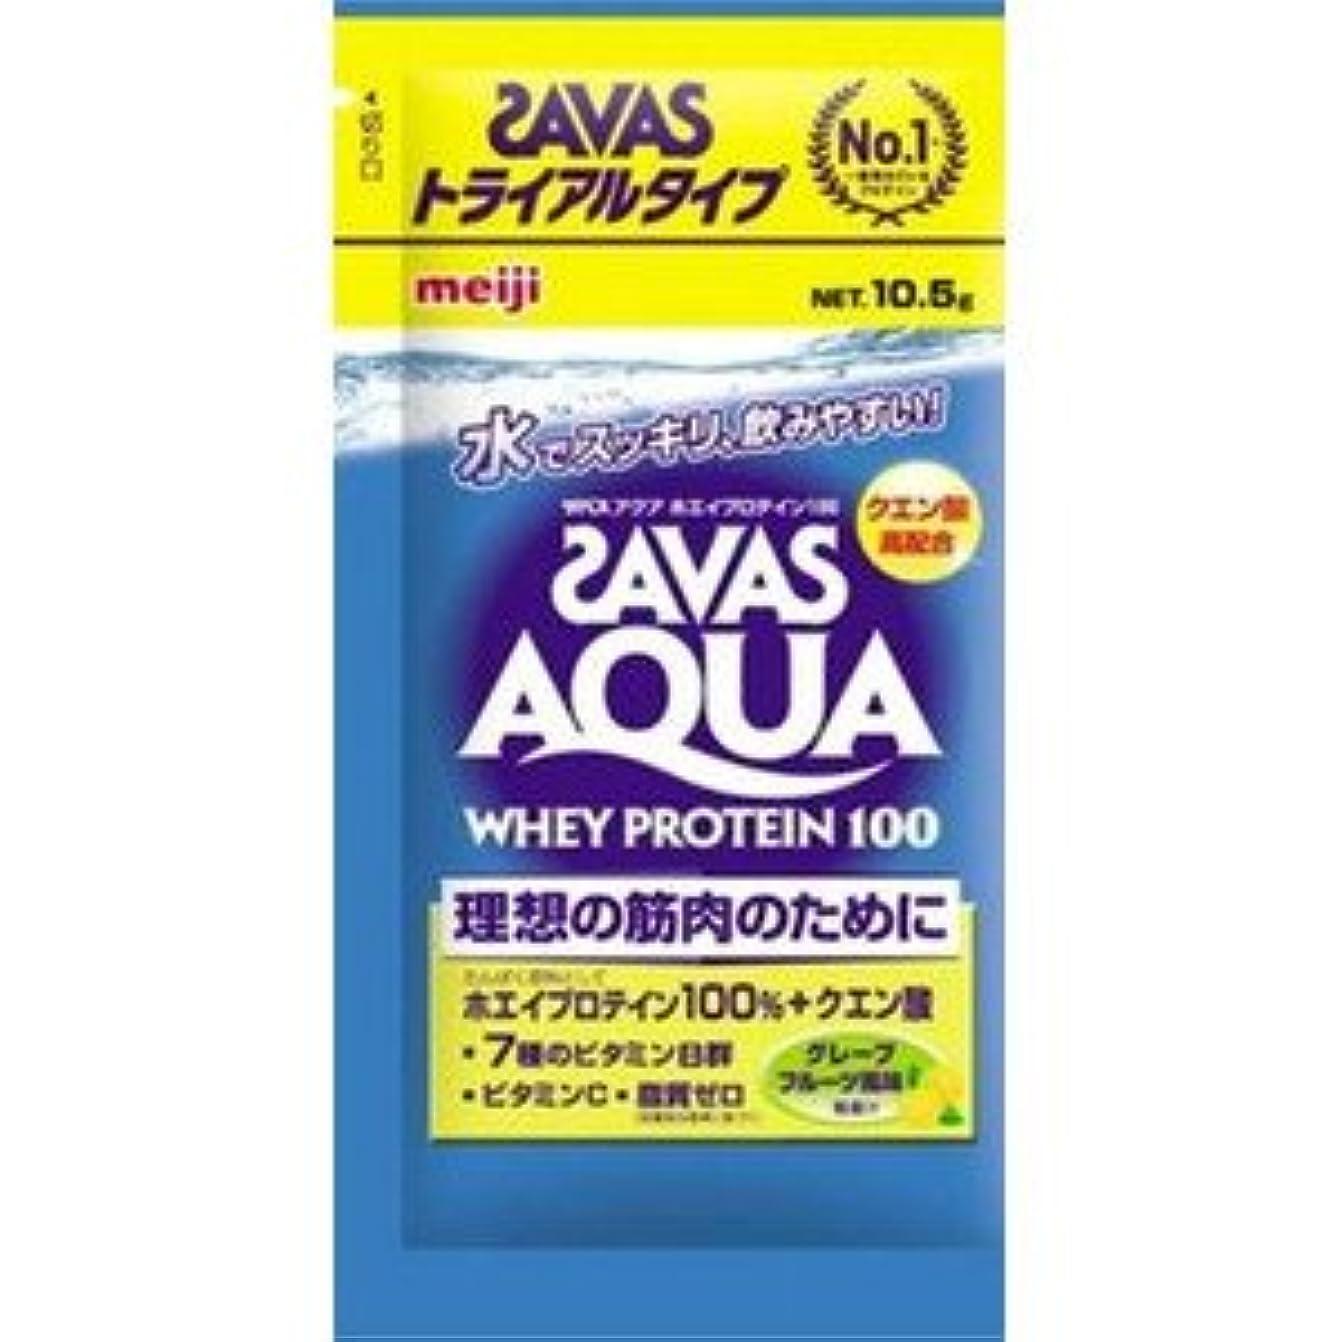 少ないラフト慈悲(ロート製薬)肌研 極潤ヒアルロン洗顔フォーム 100g(お買い得3本セット)